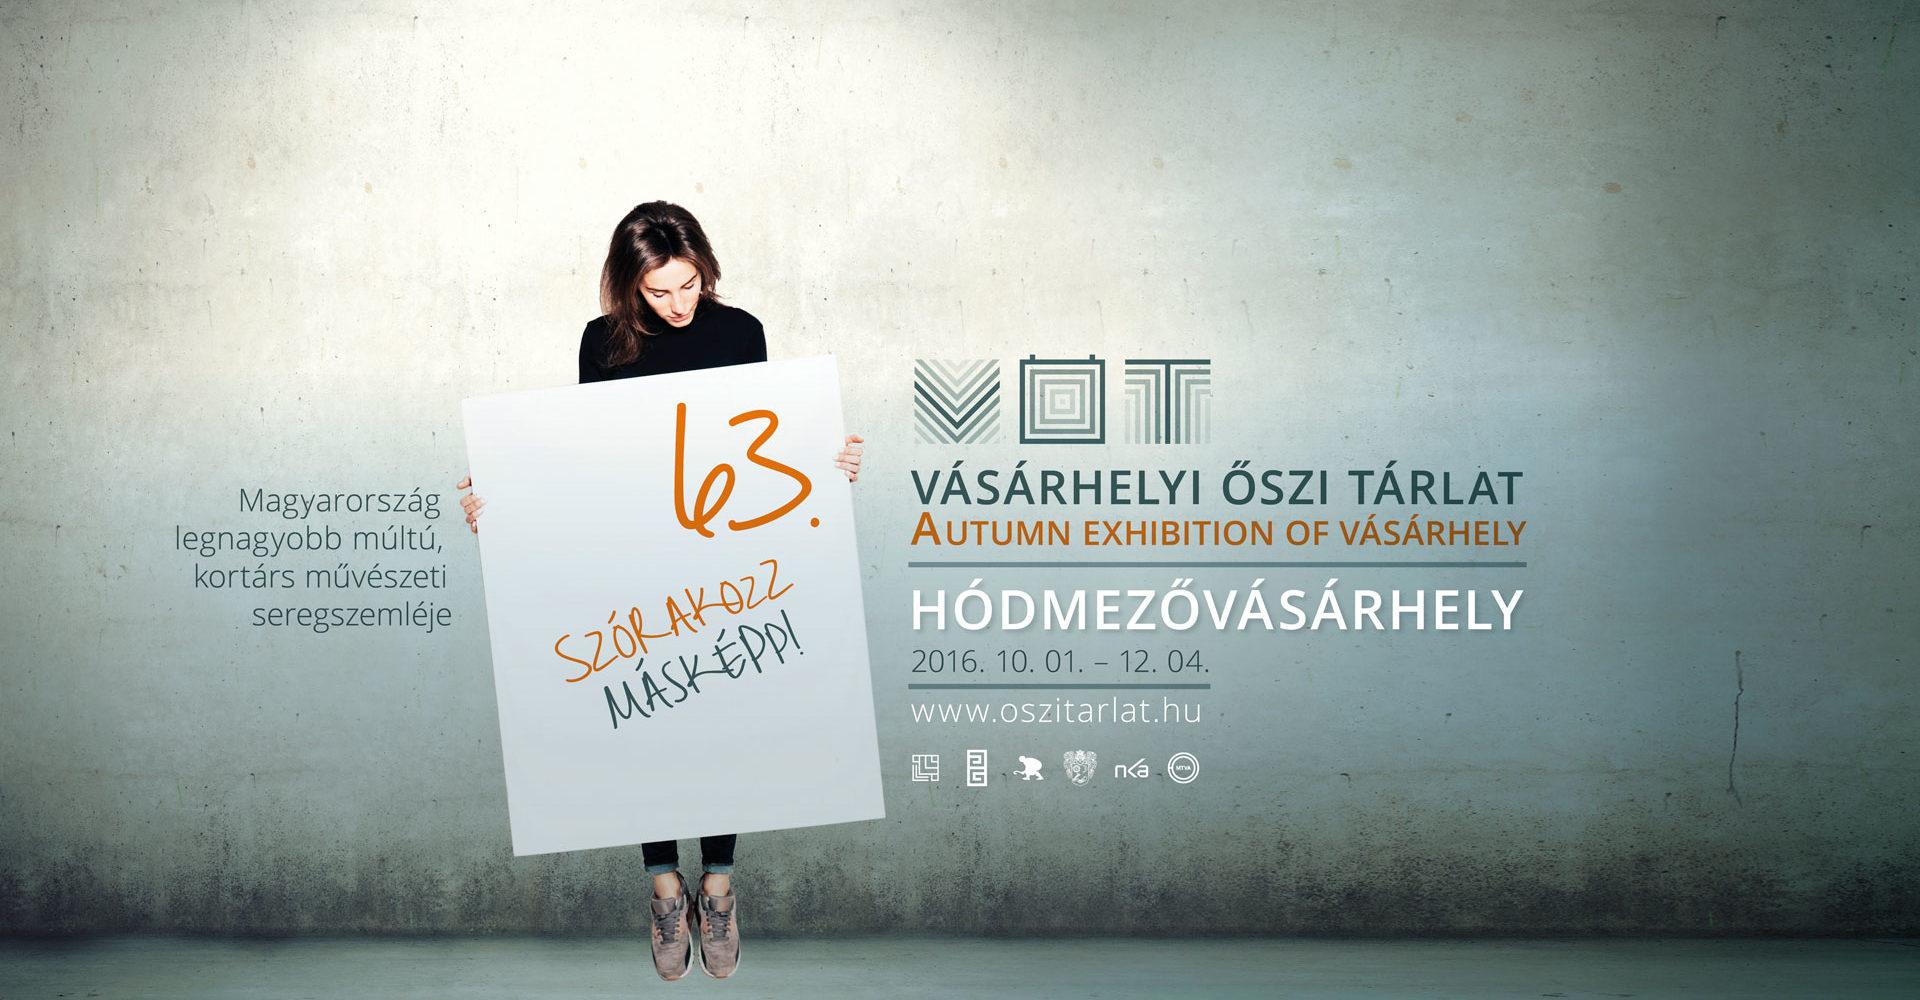 vot_web_1900x1200_md